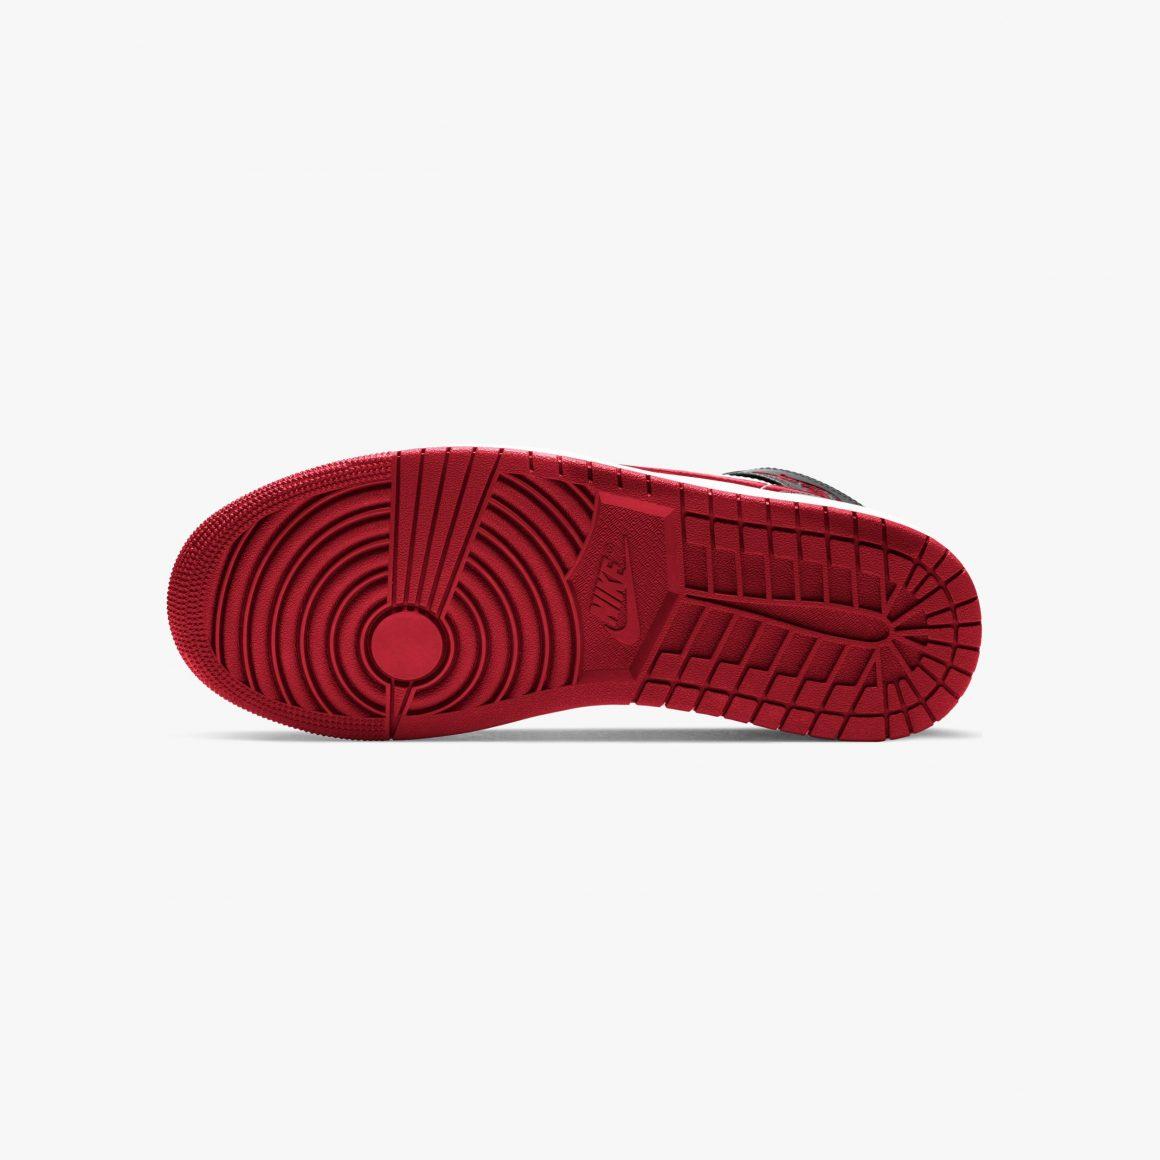 Air Jordan 1 Mid ''Metallic Red'' - 554724-122